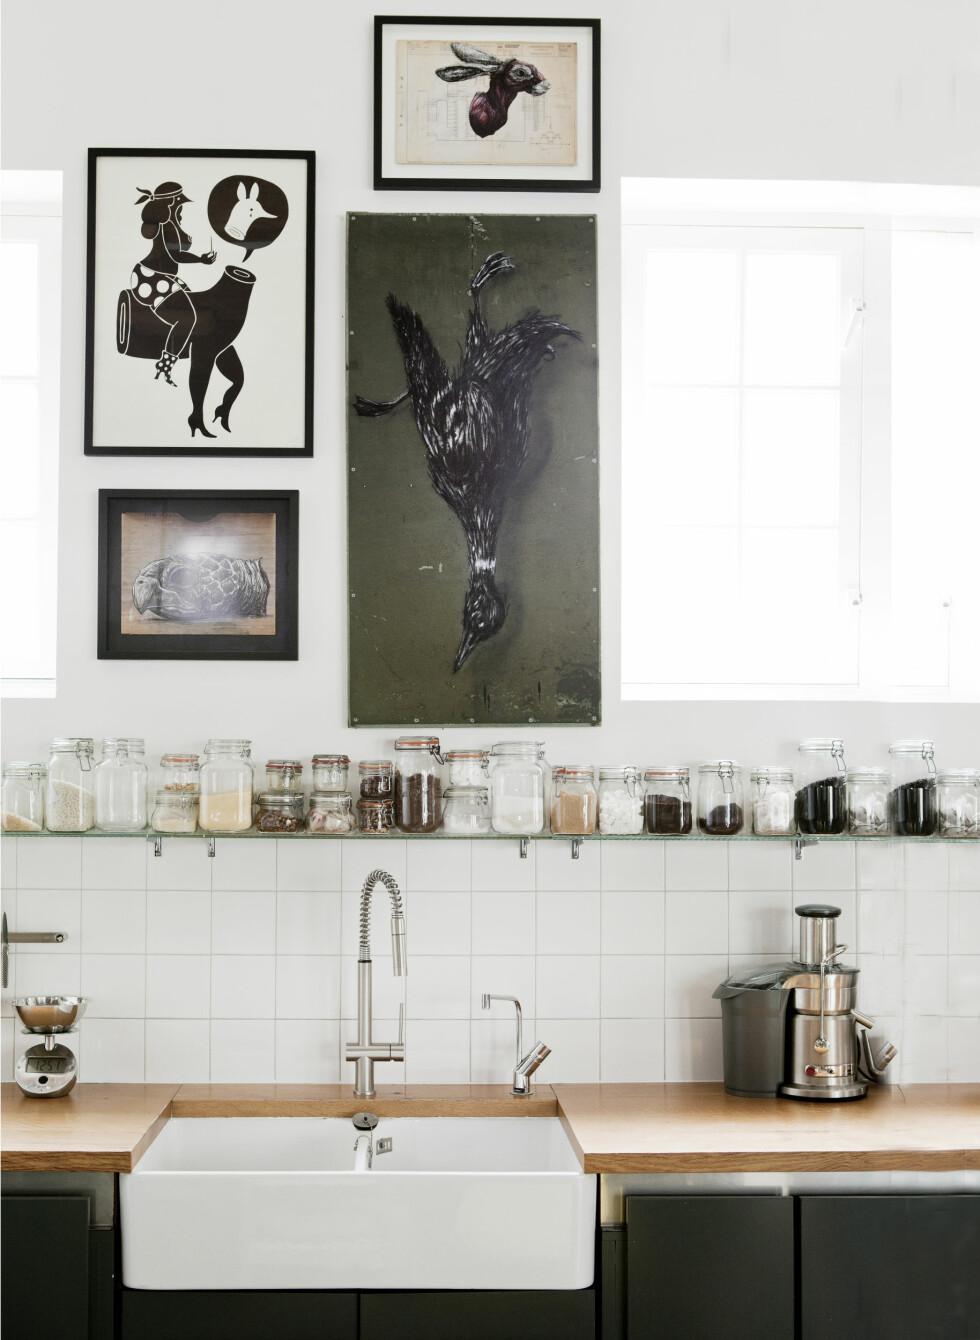 TIL KRYDDER: På den lange glasshyllen over kjøkkenbordet står patentglass i forskjellige størrelser fylt med alt fra krydder til kaffe og gryn. En både praktisk og dekorativ løsning. Foto: Pernille Kaalund/House of Pictures